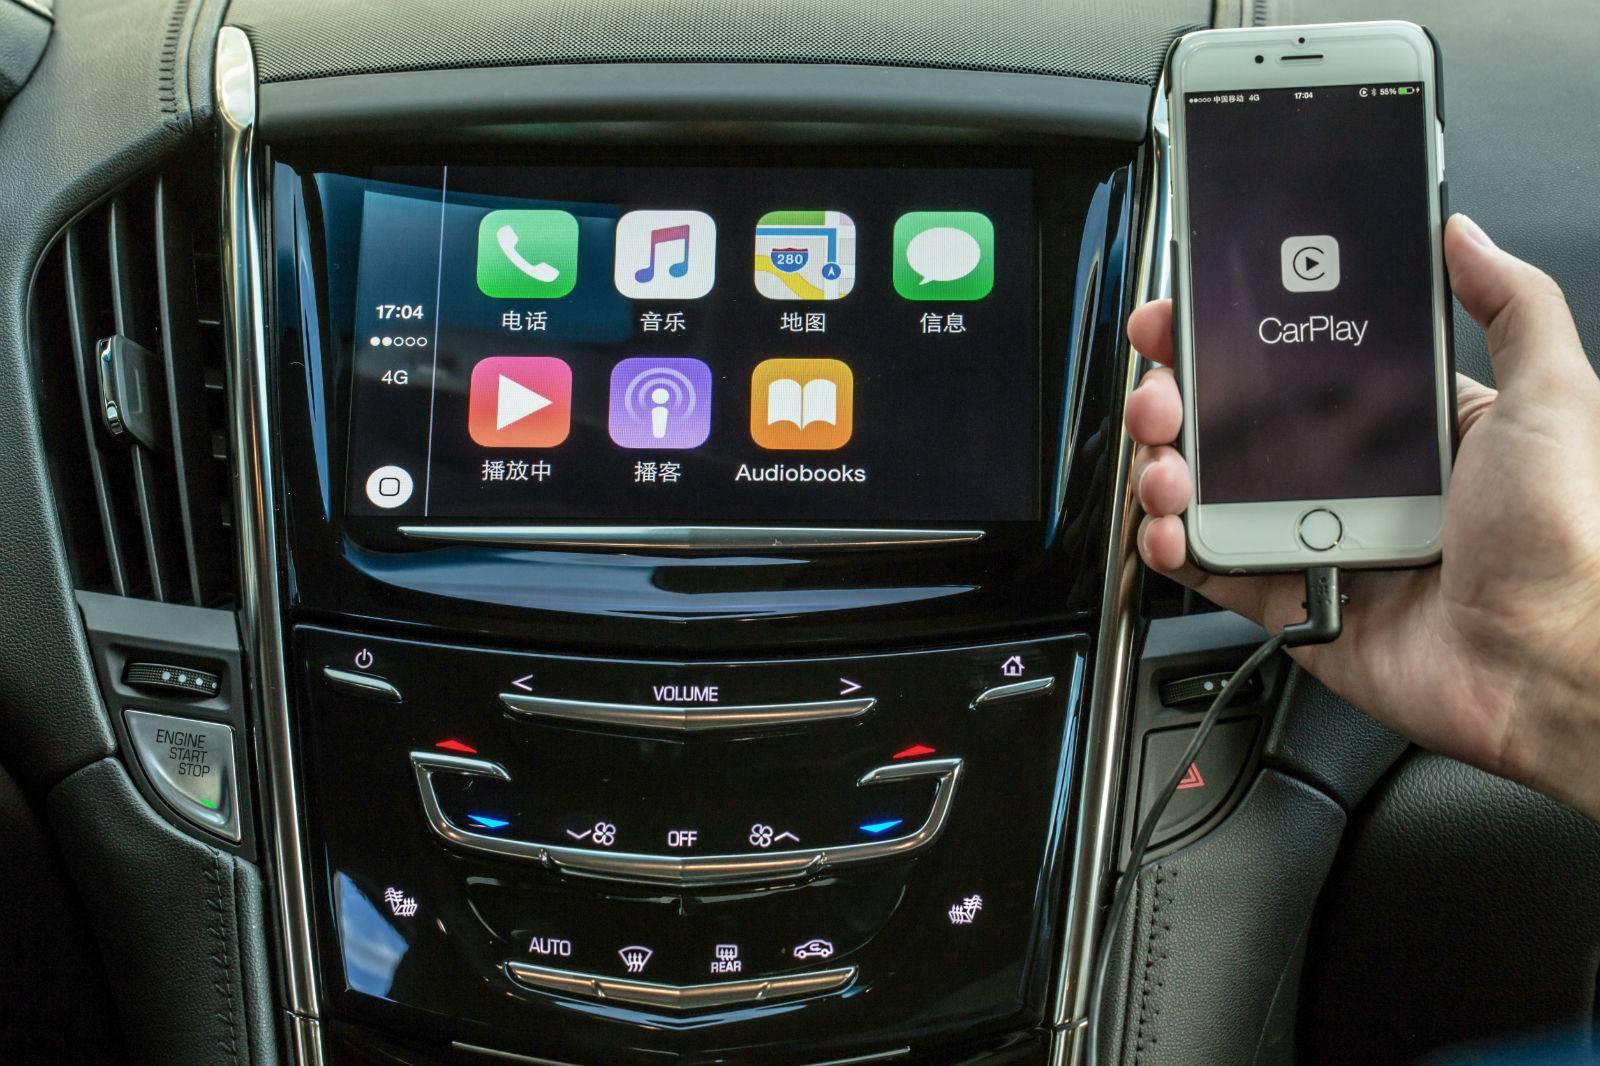 新款凯迪拉克ATS-L 是首款配备Apple CarPlay的豪华轿车_meitu_2.jpg